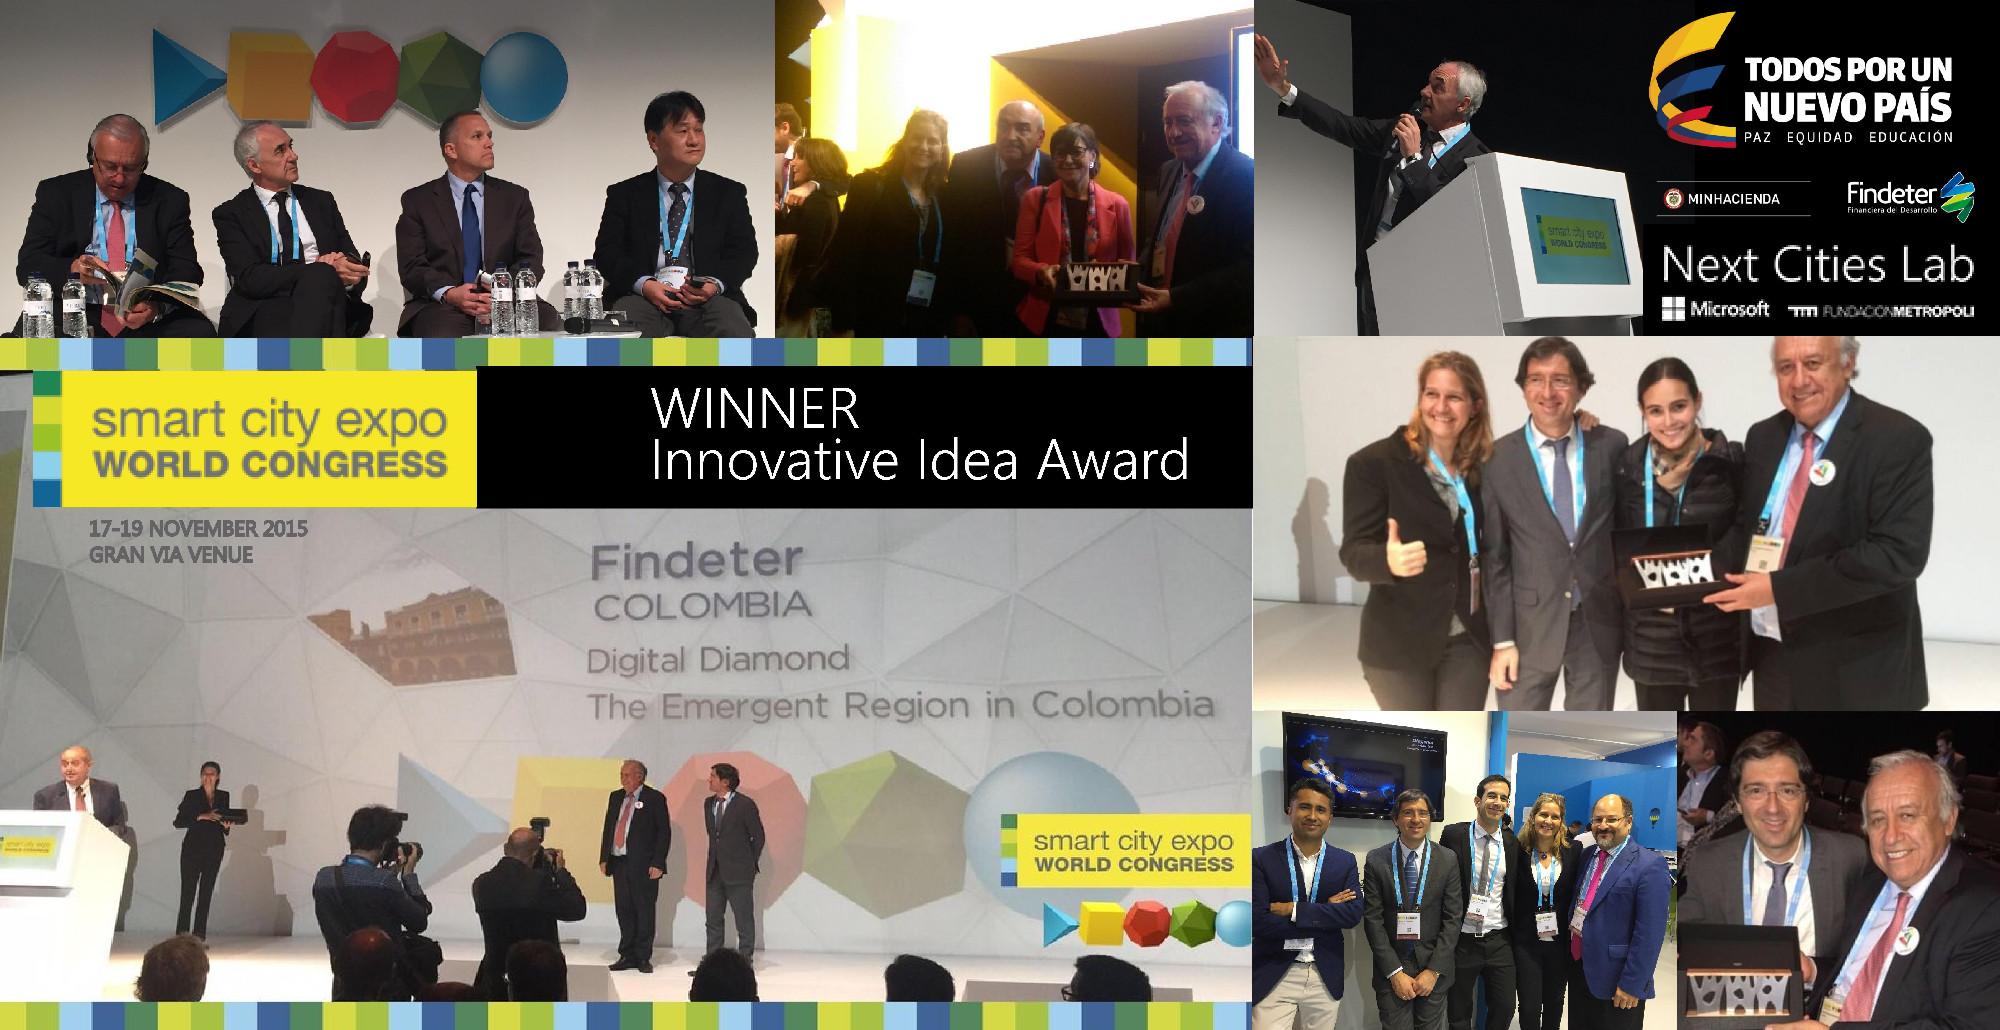 Proyecto Diamante Caribe y y Santanderes de Colombia recibió el premio global a la Mejor Idea Innovadora en el Smart City Expo 2015.